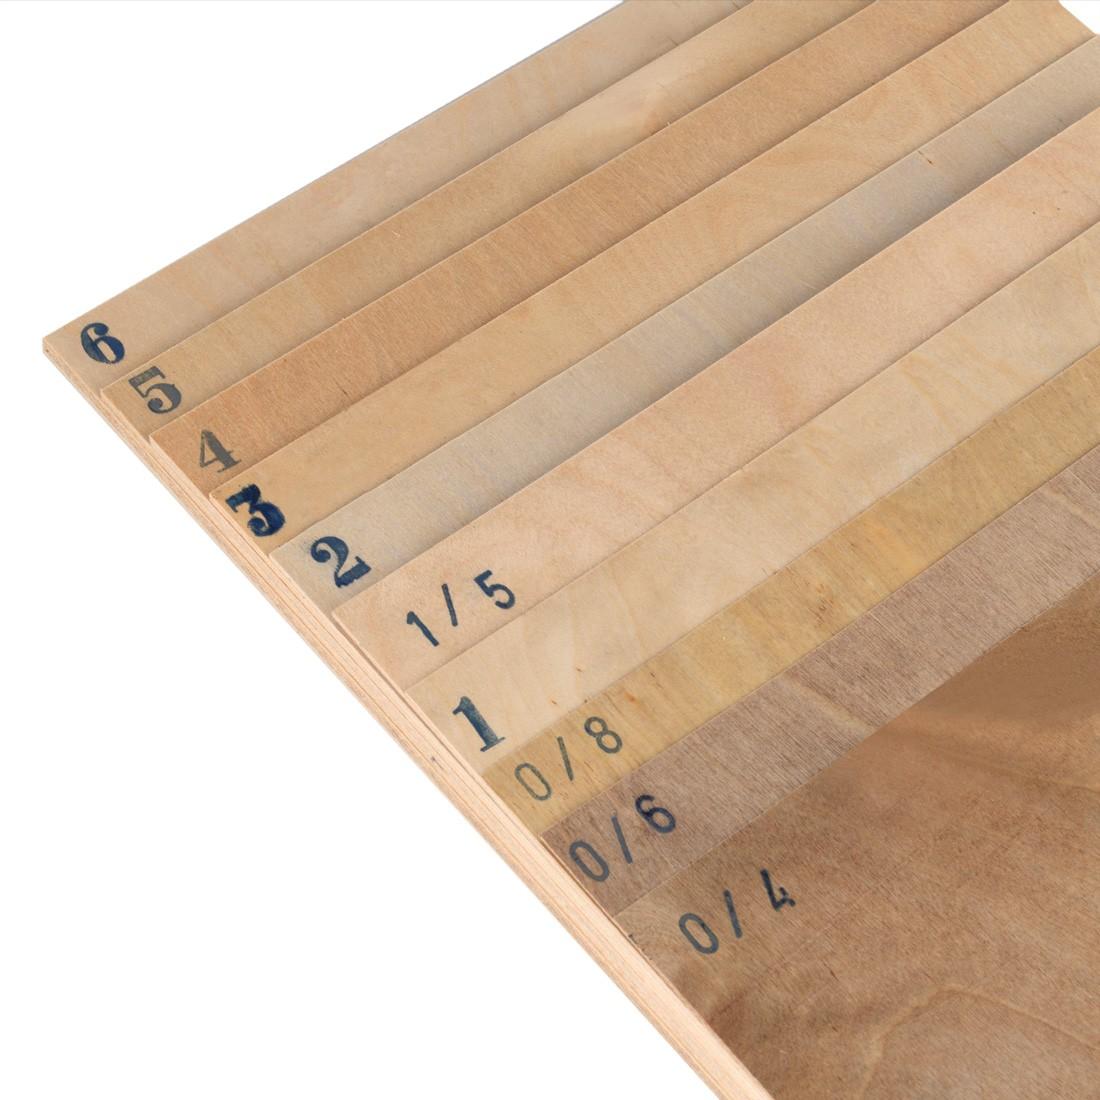 Avio Birch plywood mm.1,5 cm.61x30